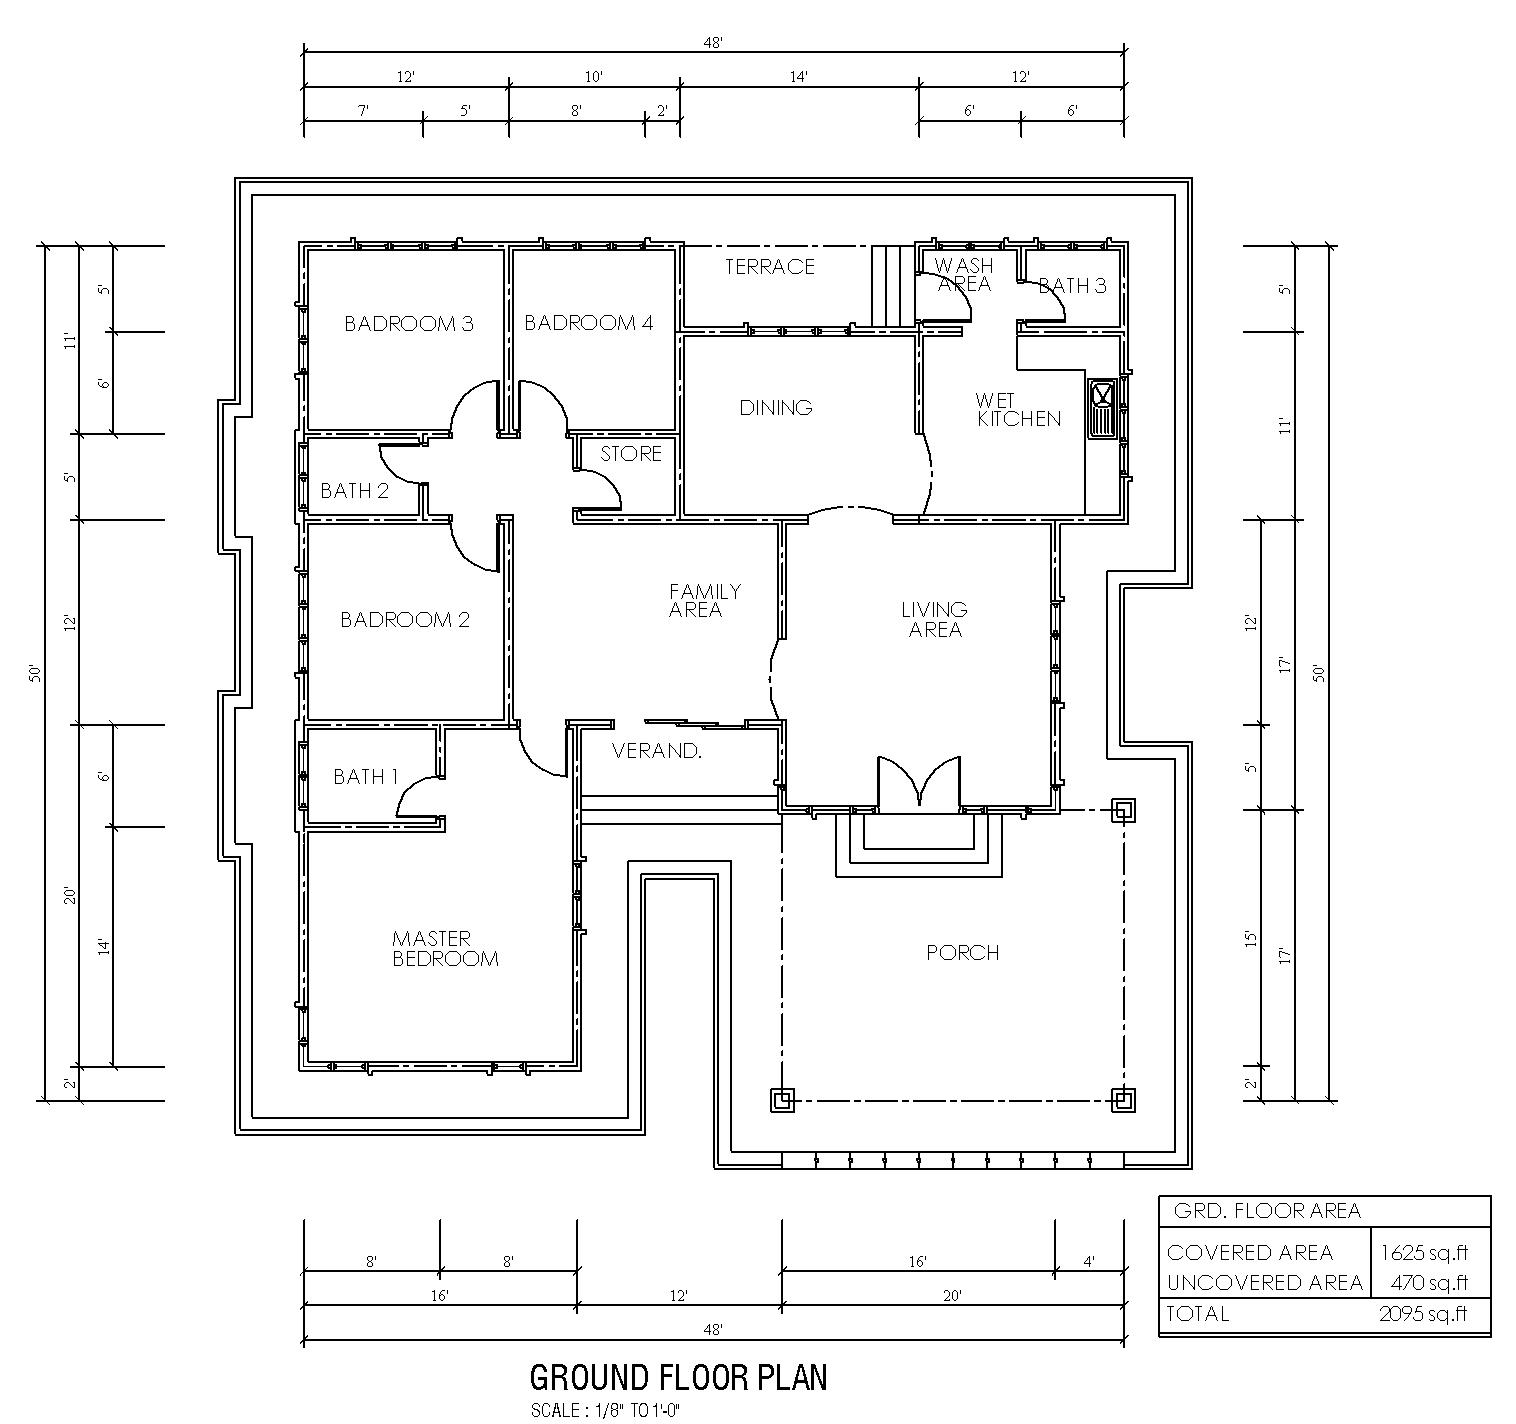 Pelan Lantai Rumah Banglo Google Search